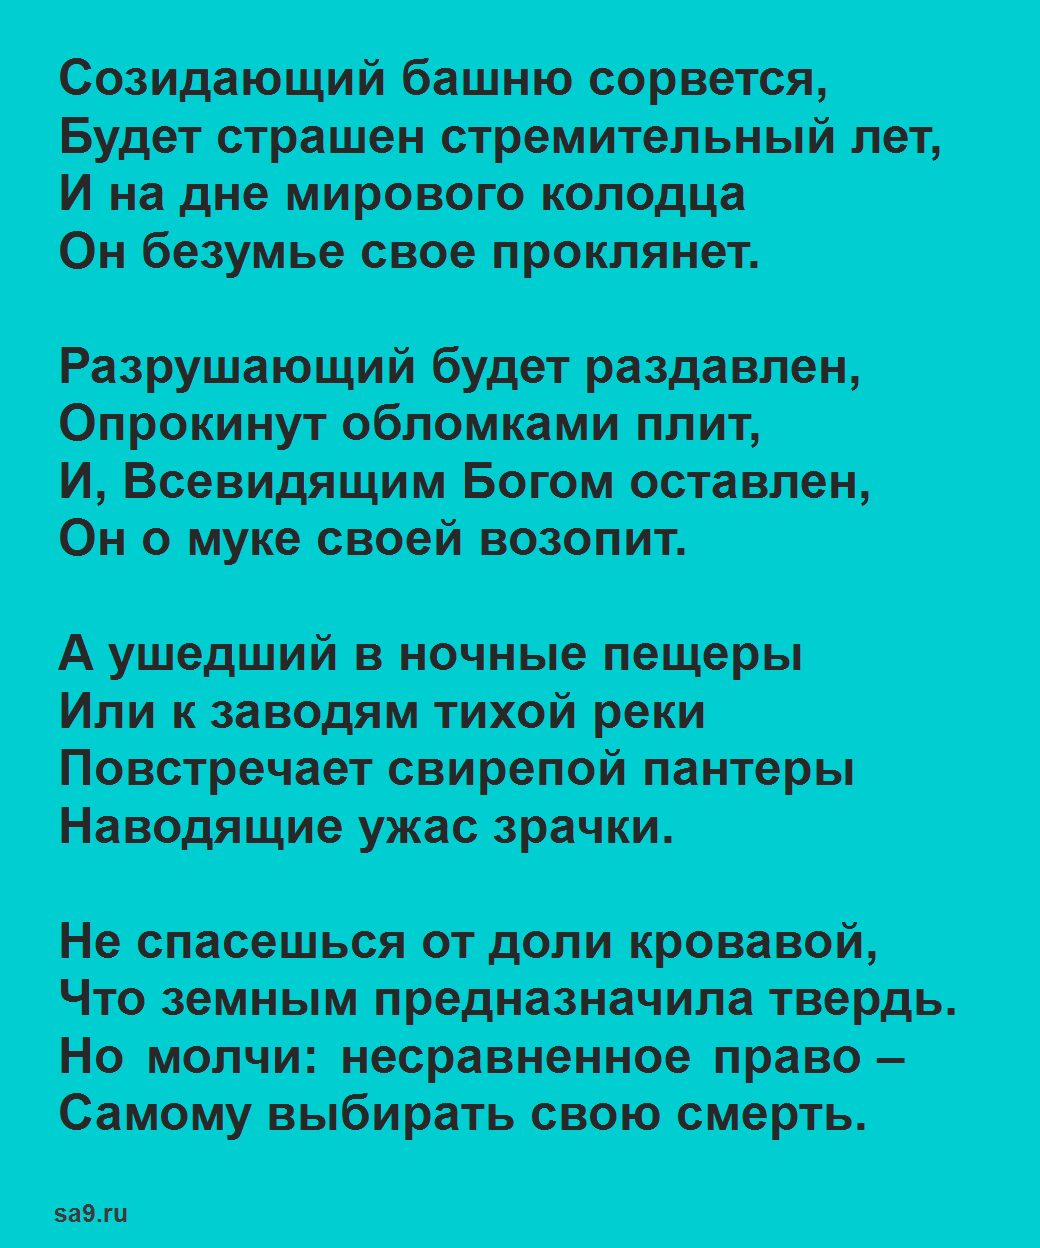 Гумилев стихи 16 строк - Выбор, которые легко учатся